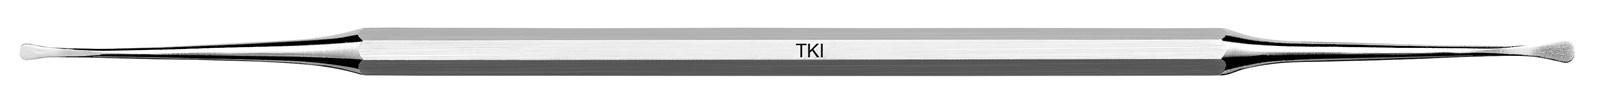 Nůž pro tunelovou techniku - TKI, ADEP šedý